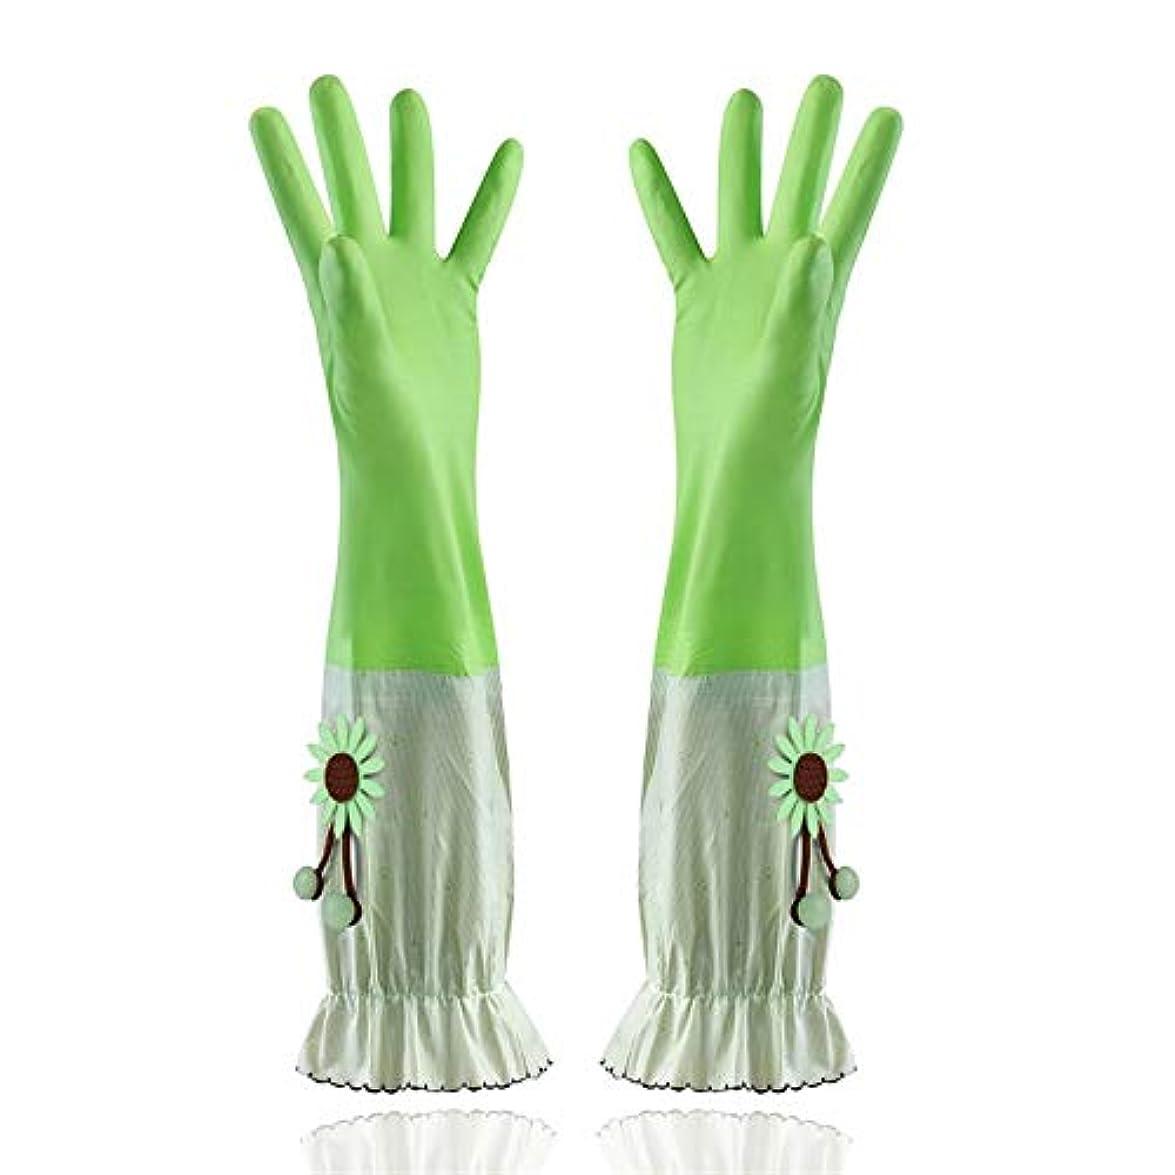 ラインアマチュアセレナニトリルゴム手袋 家庭用手袋防水性と耐久性のあるラテックス厚手PVC手袋 使い捨て手袋 (Color : Green, Size : L)